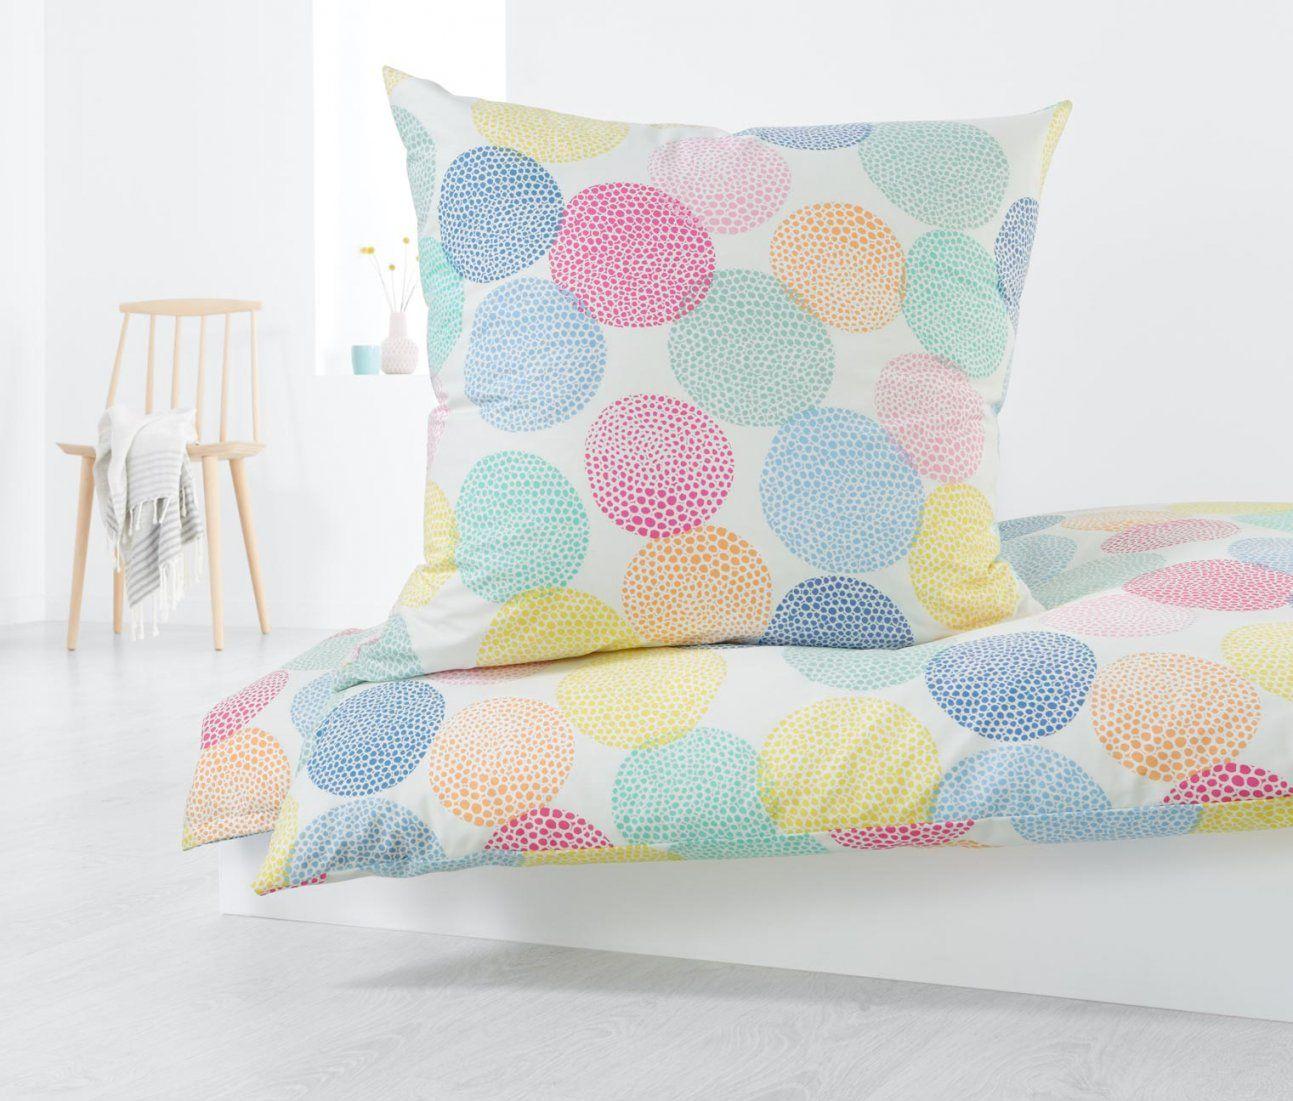 perkalbettw sche bergr e online bestellen bei tchibo 323095 von tchibo bettw sche blumen photo. Black Bedroom Furniture Sets. Home Design Ideas